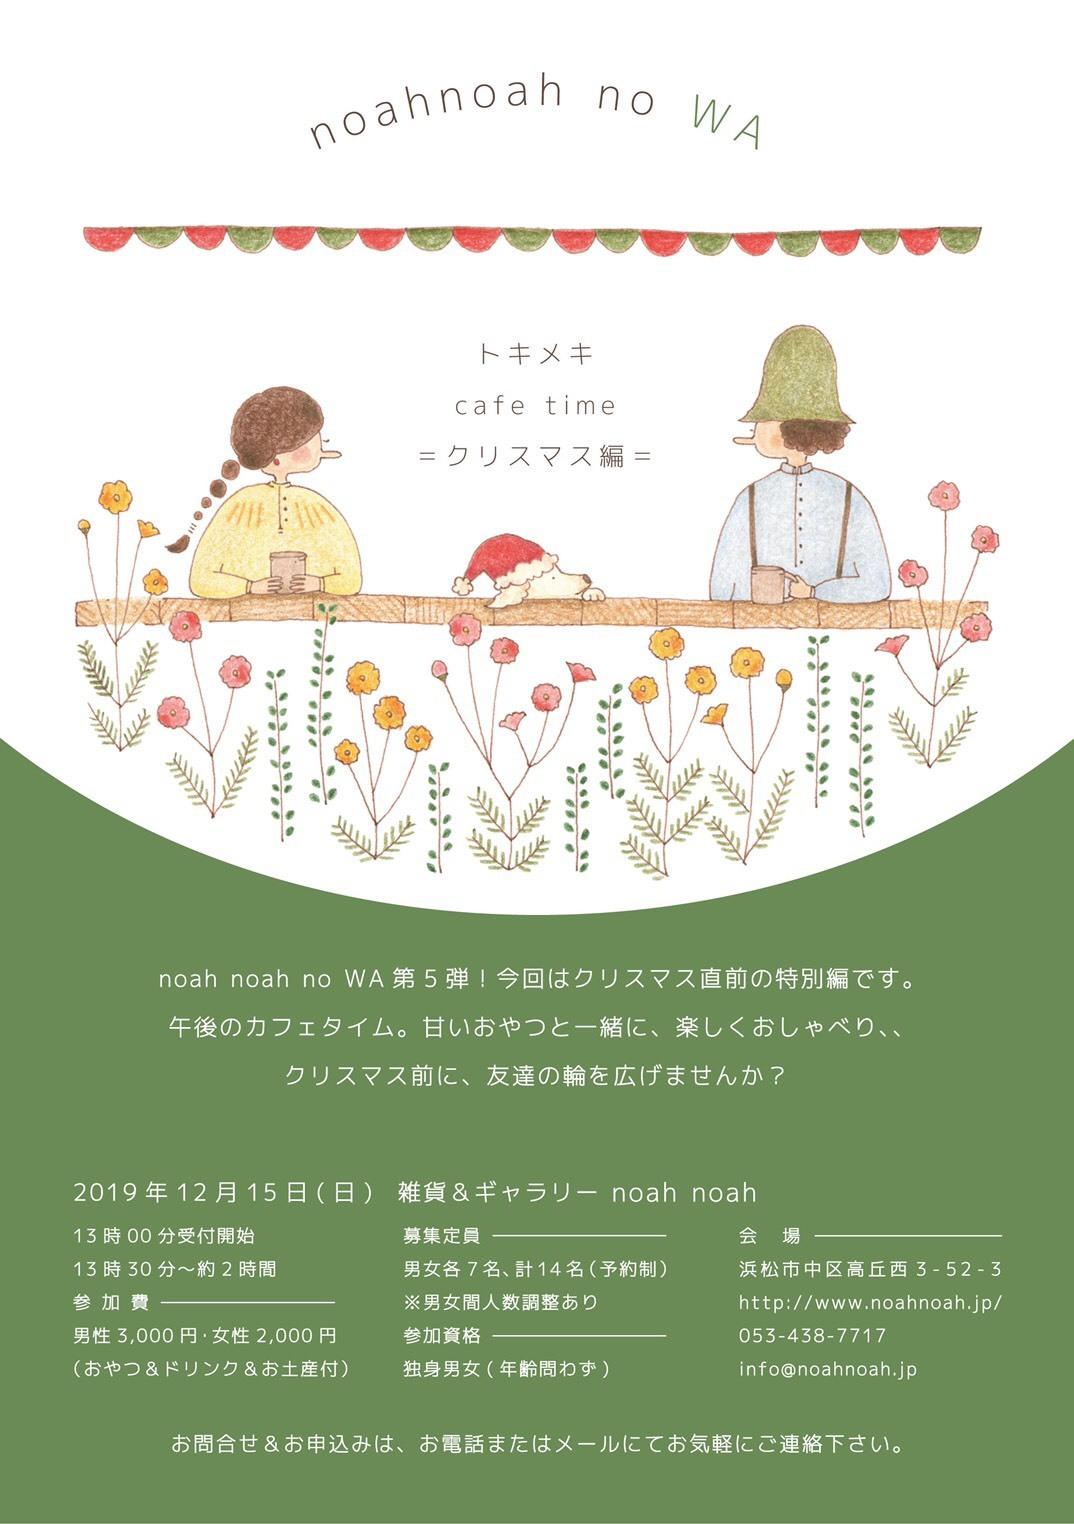 トキメキ cafe time 〜クリスマス編〜 ご案内*_a0322702_07124950.jpeg